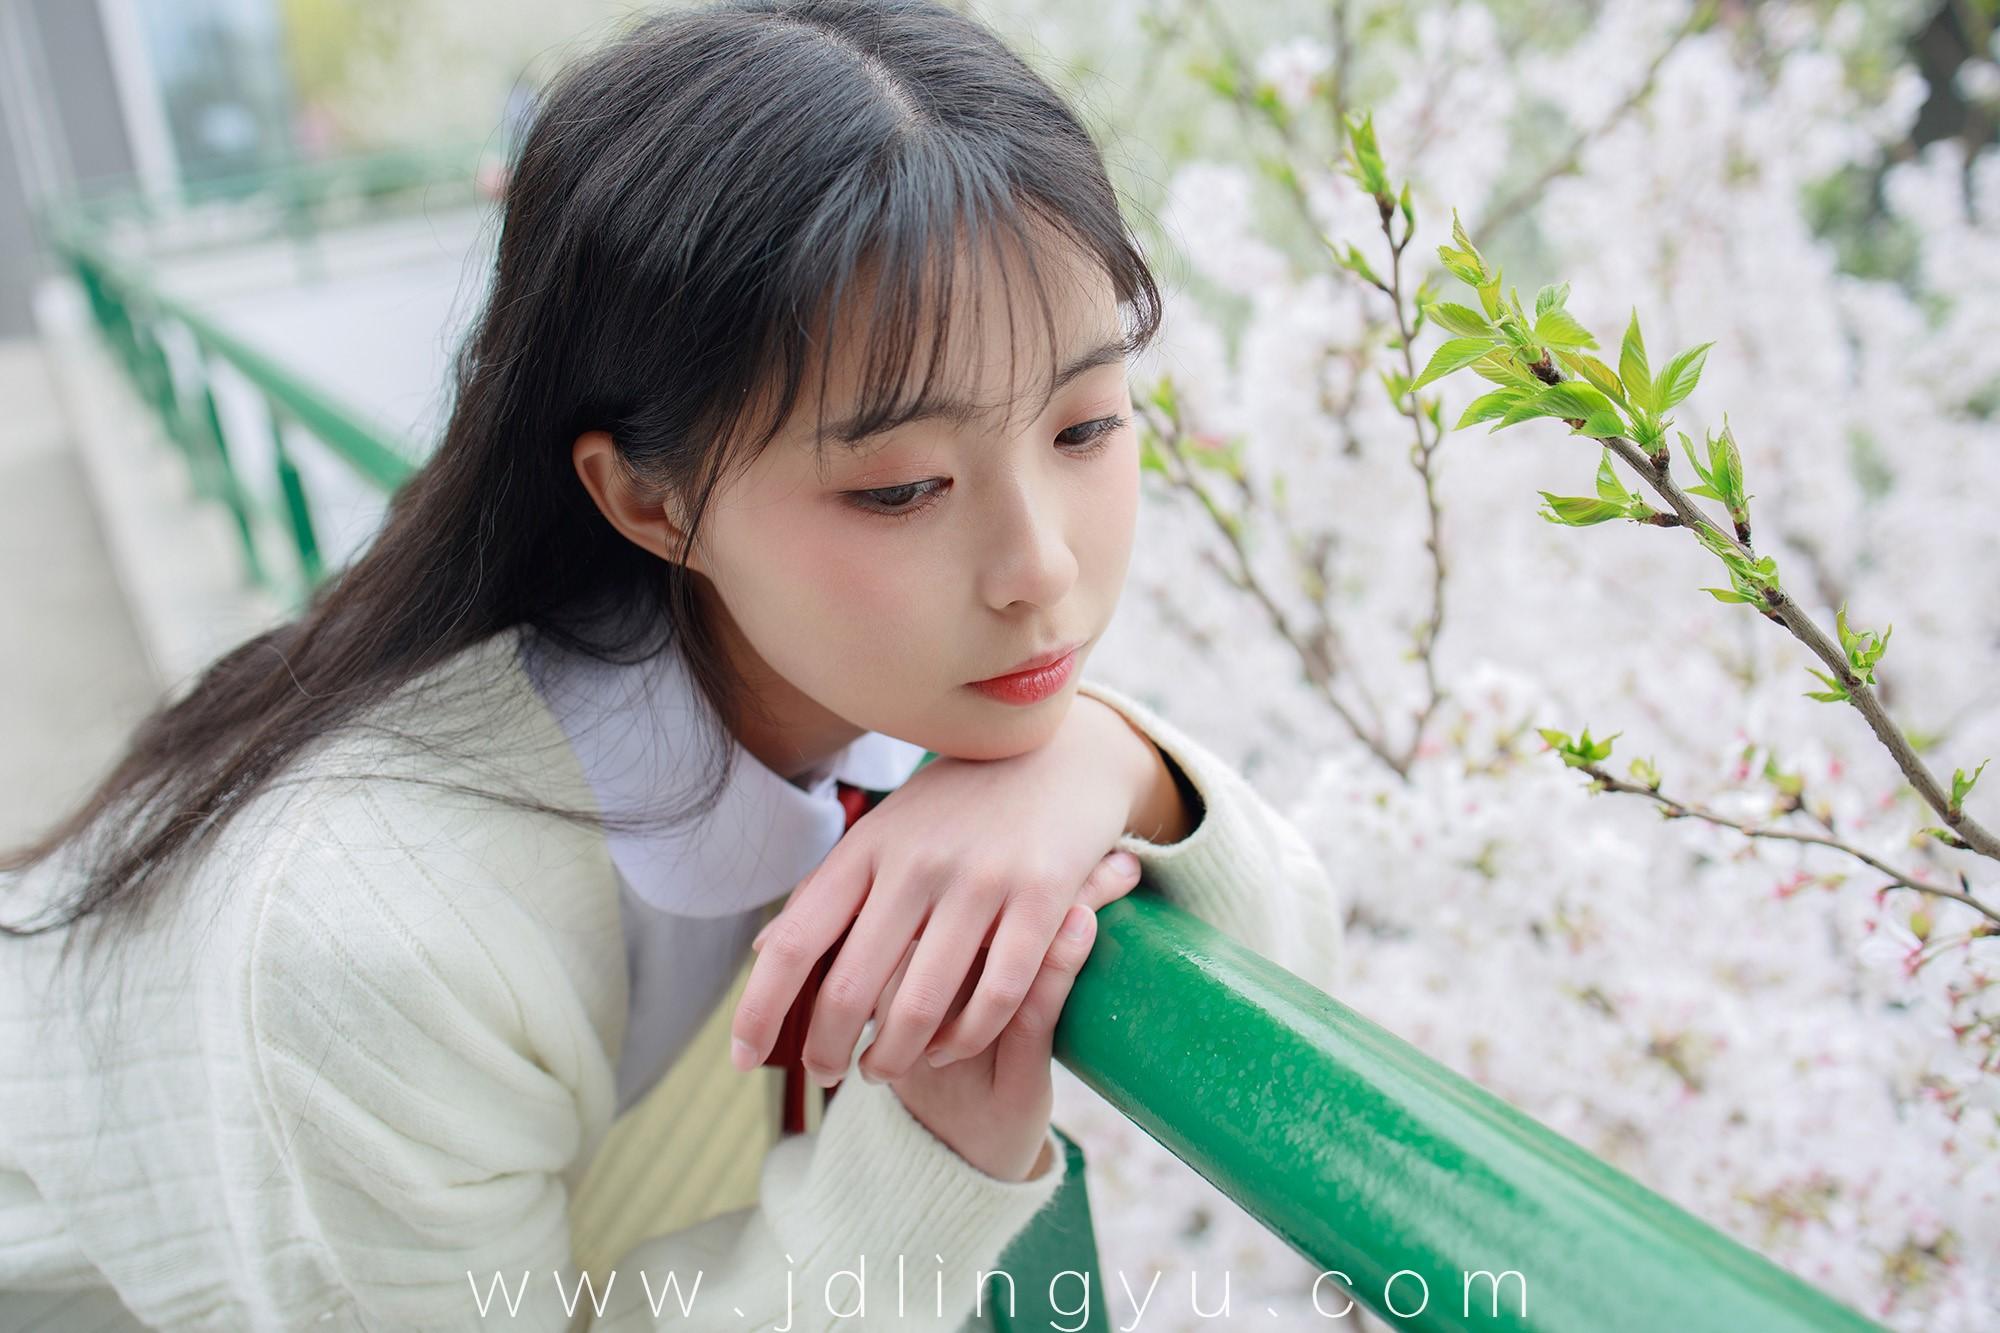 [森萝财团] JKFUN-001 甜米 纯纯的白丝学妹